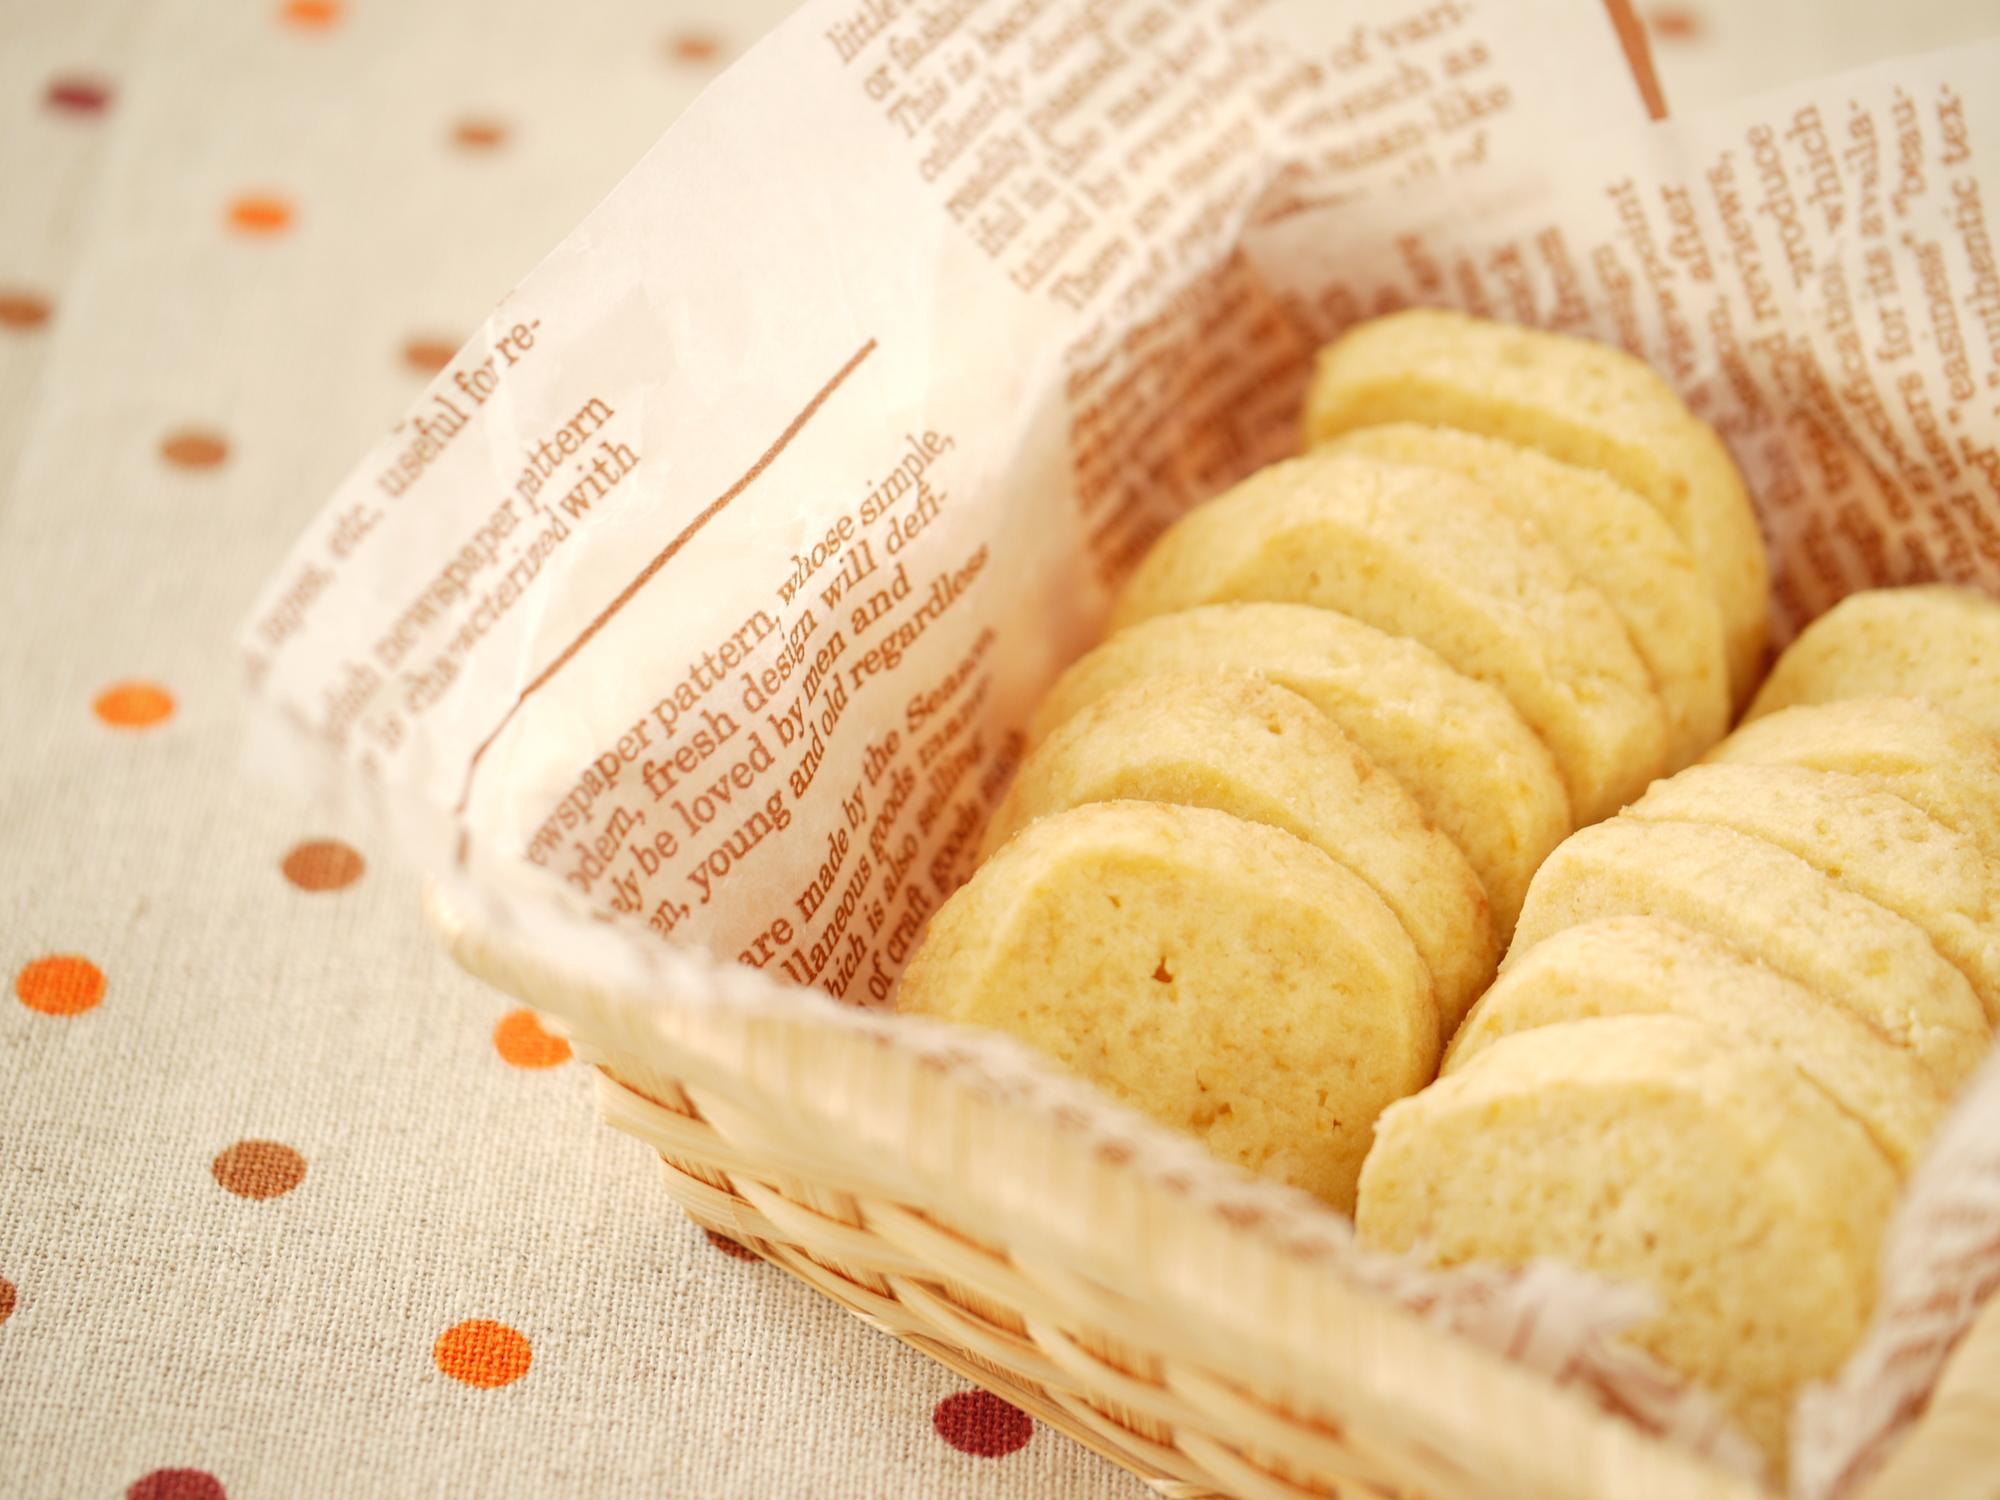 引越しの挨拶でお菓子を選ぶなら?おすすめの品物や渡し方のマナーも紹介